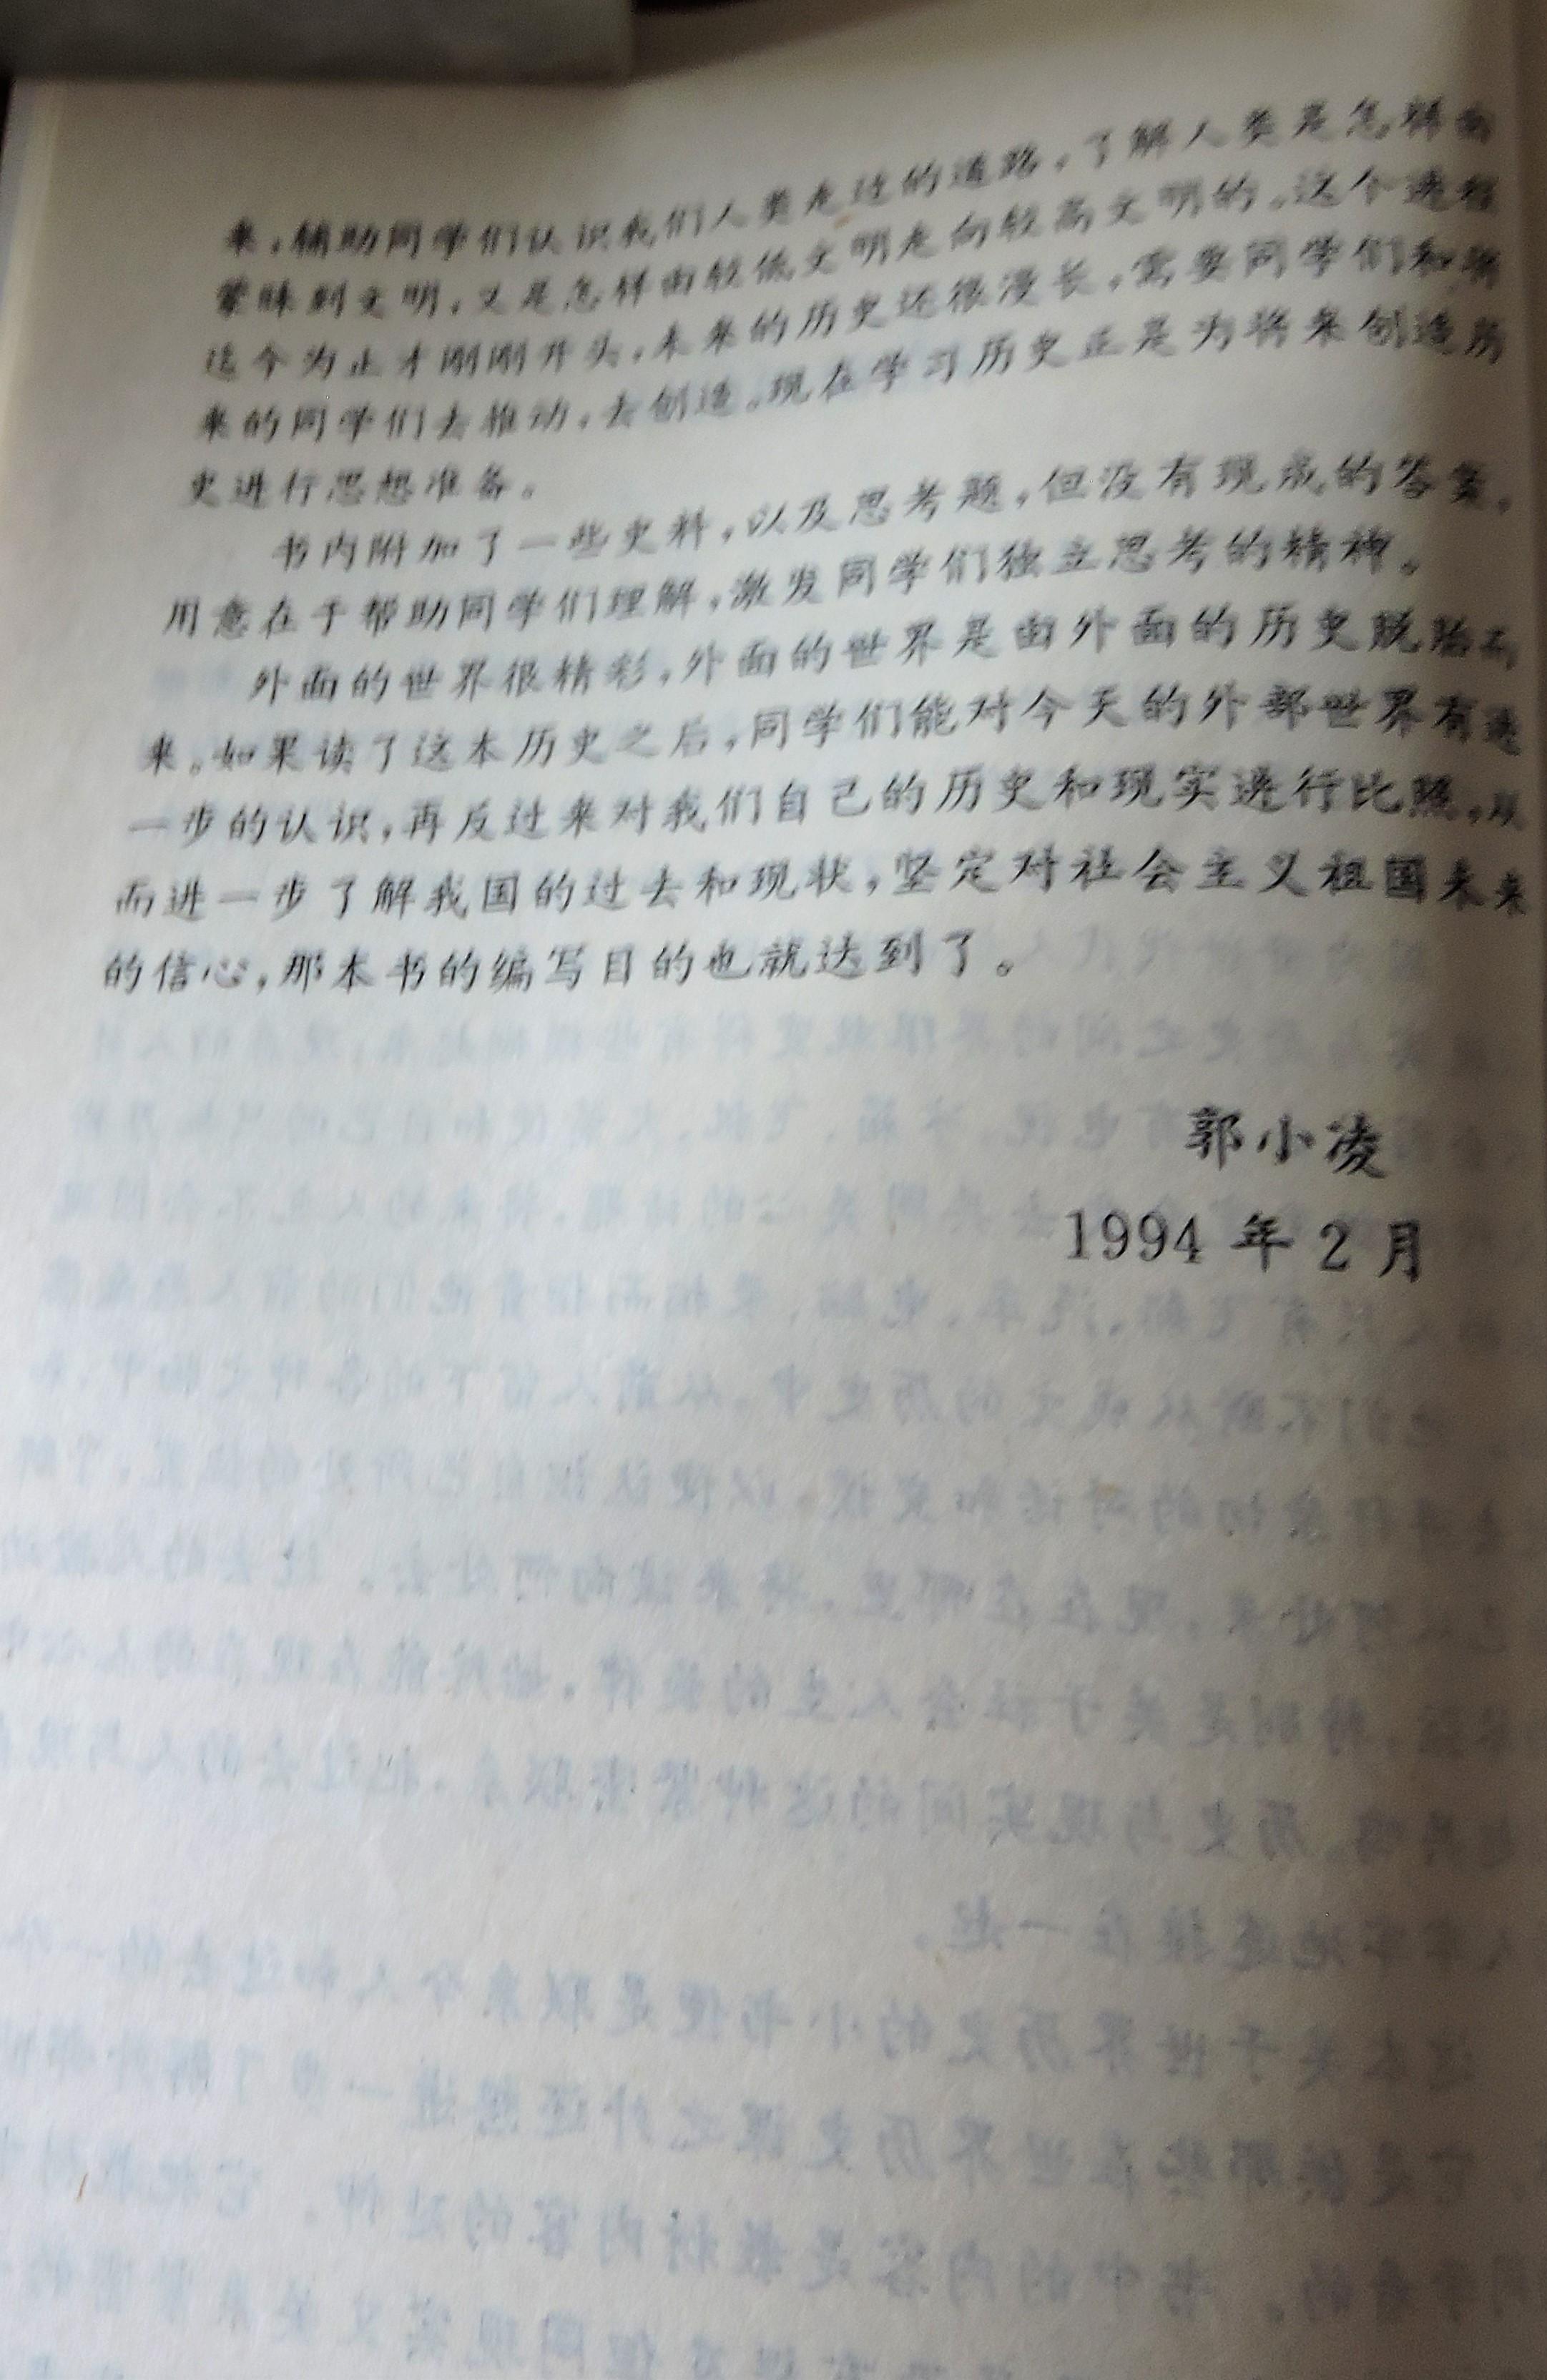 7 DSCN8106.jpg